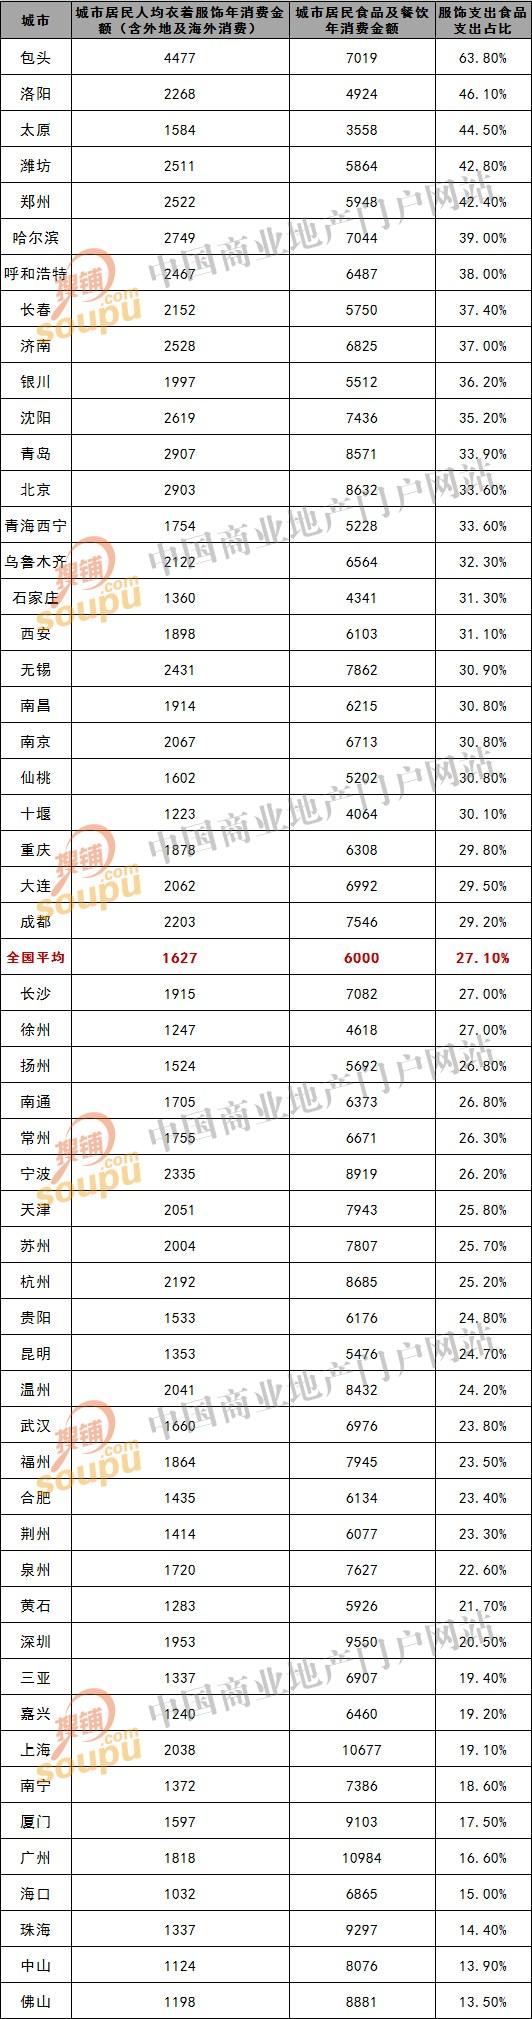 青岛市区人口数量2015